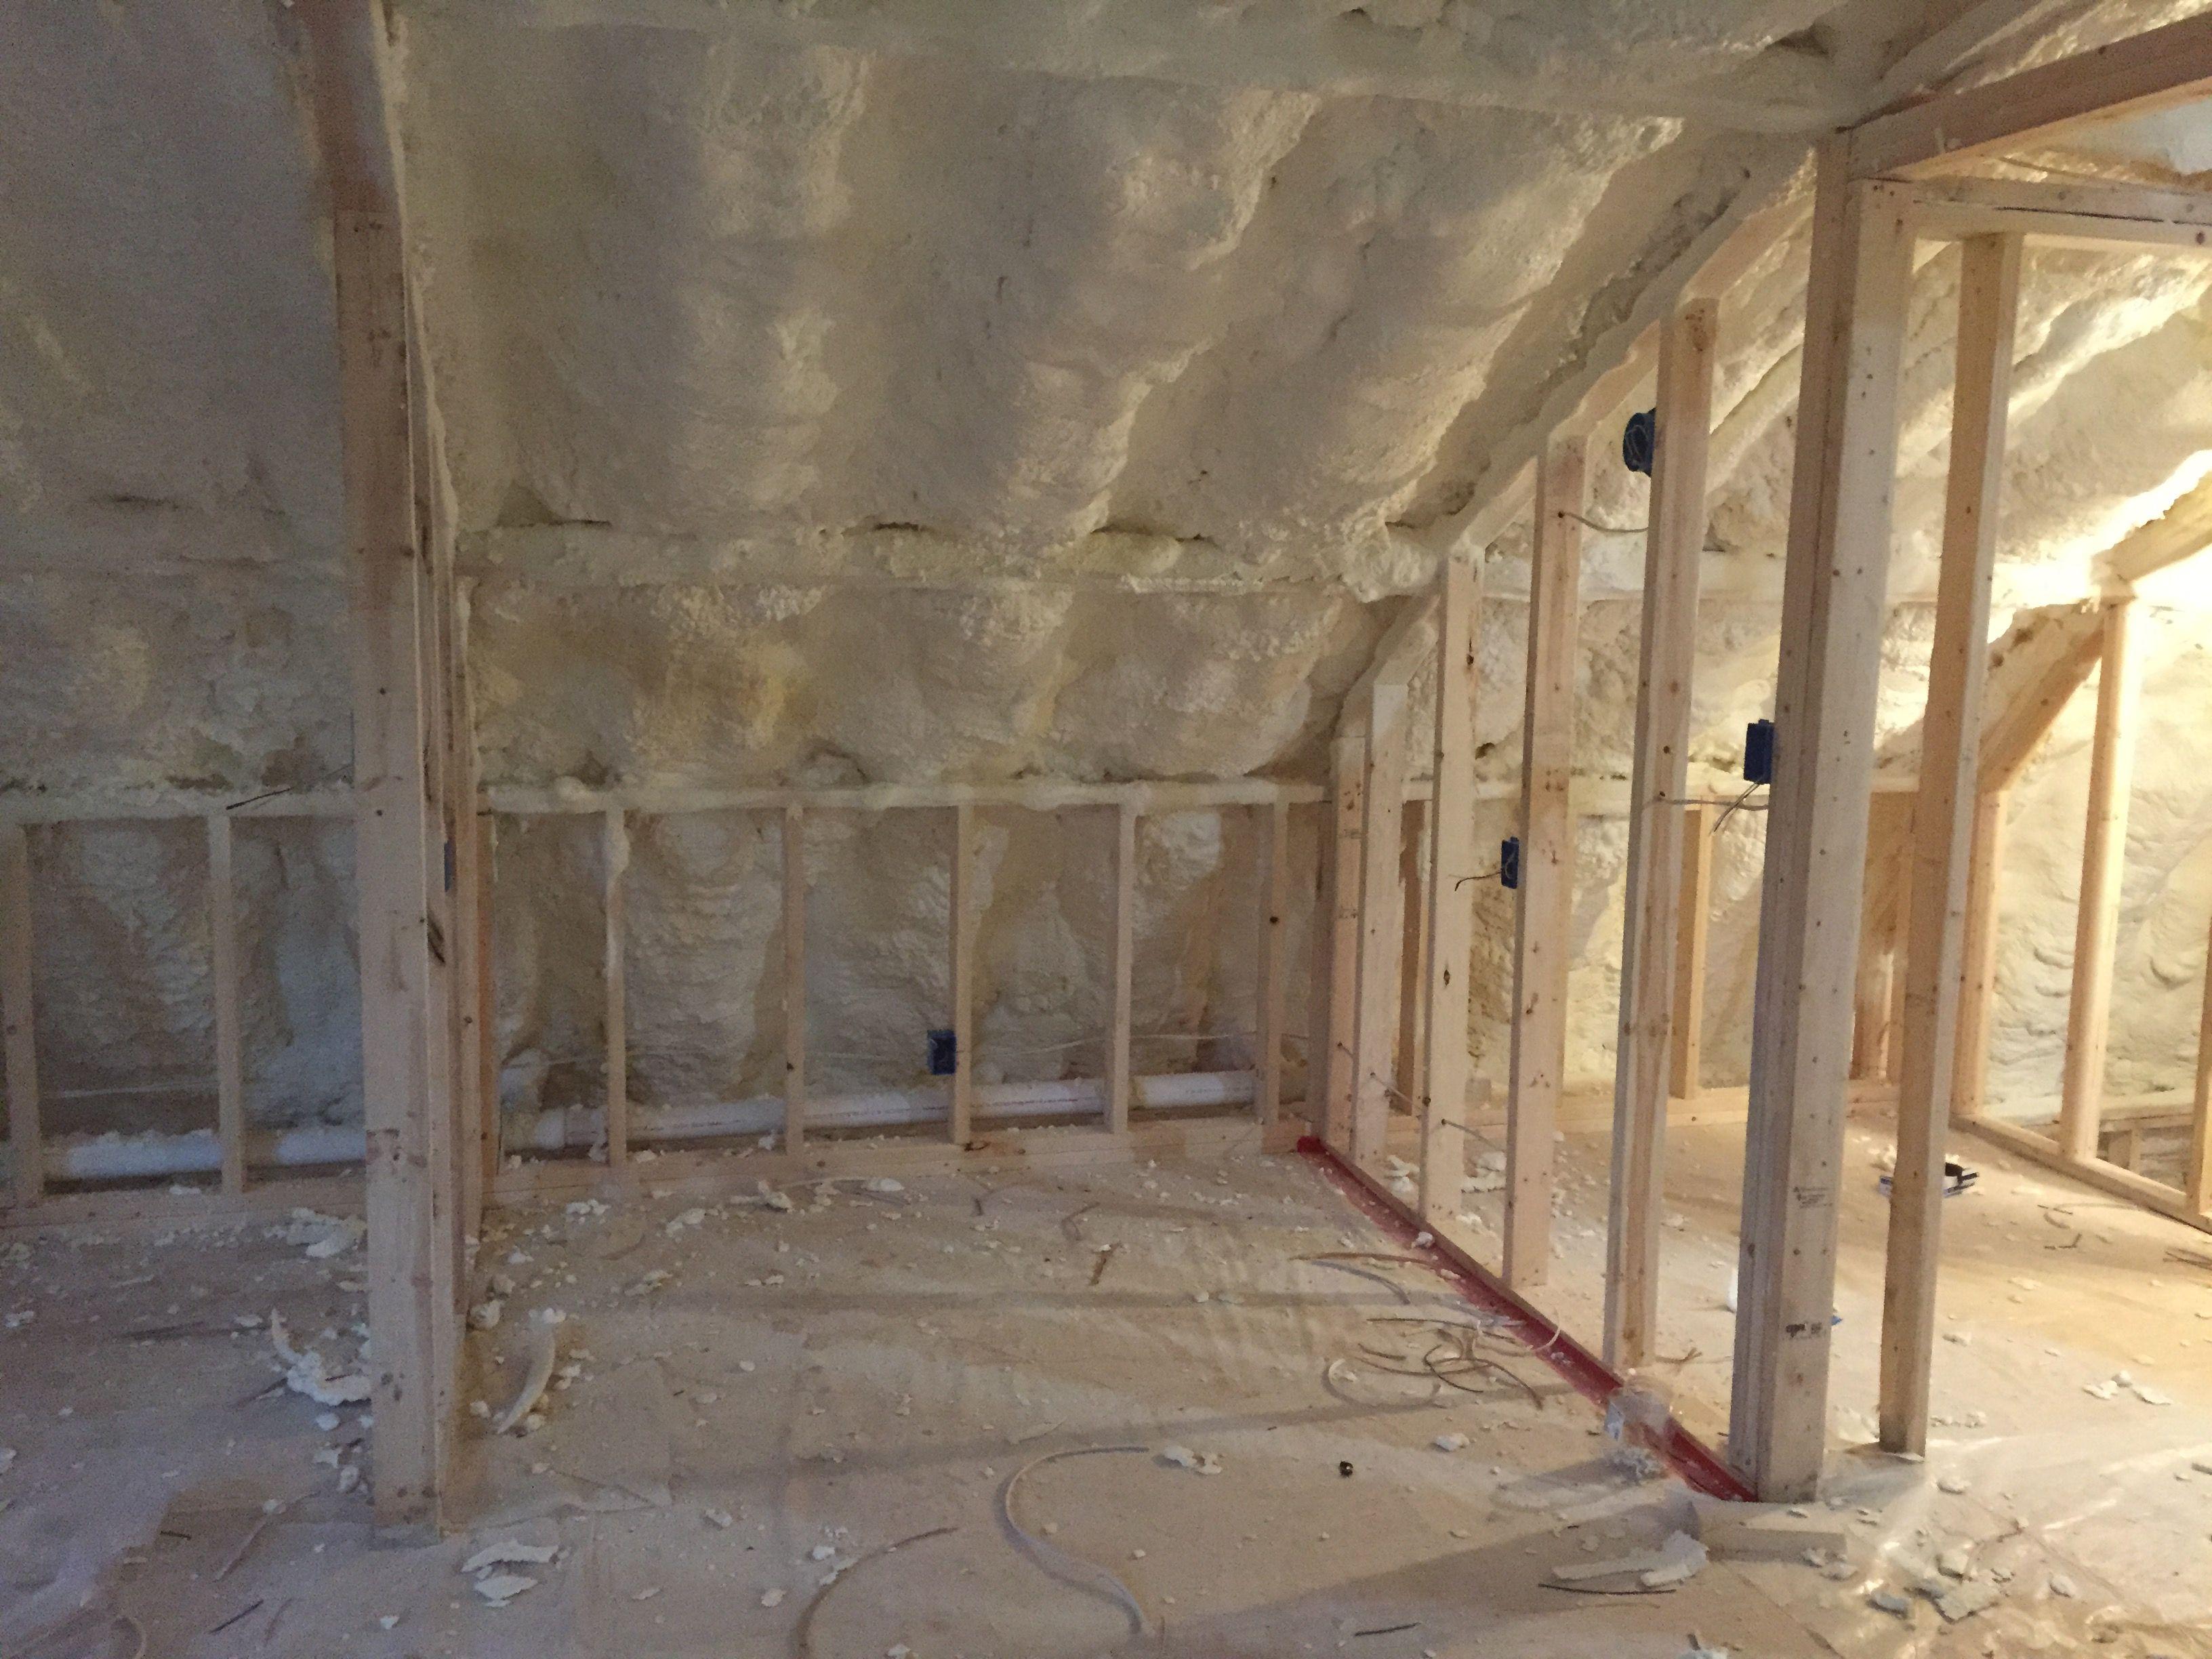 Spray Foam Insulation In 2nd Floor Bedroom Quonset Hut Homes Quonset Hut Quonset Homes